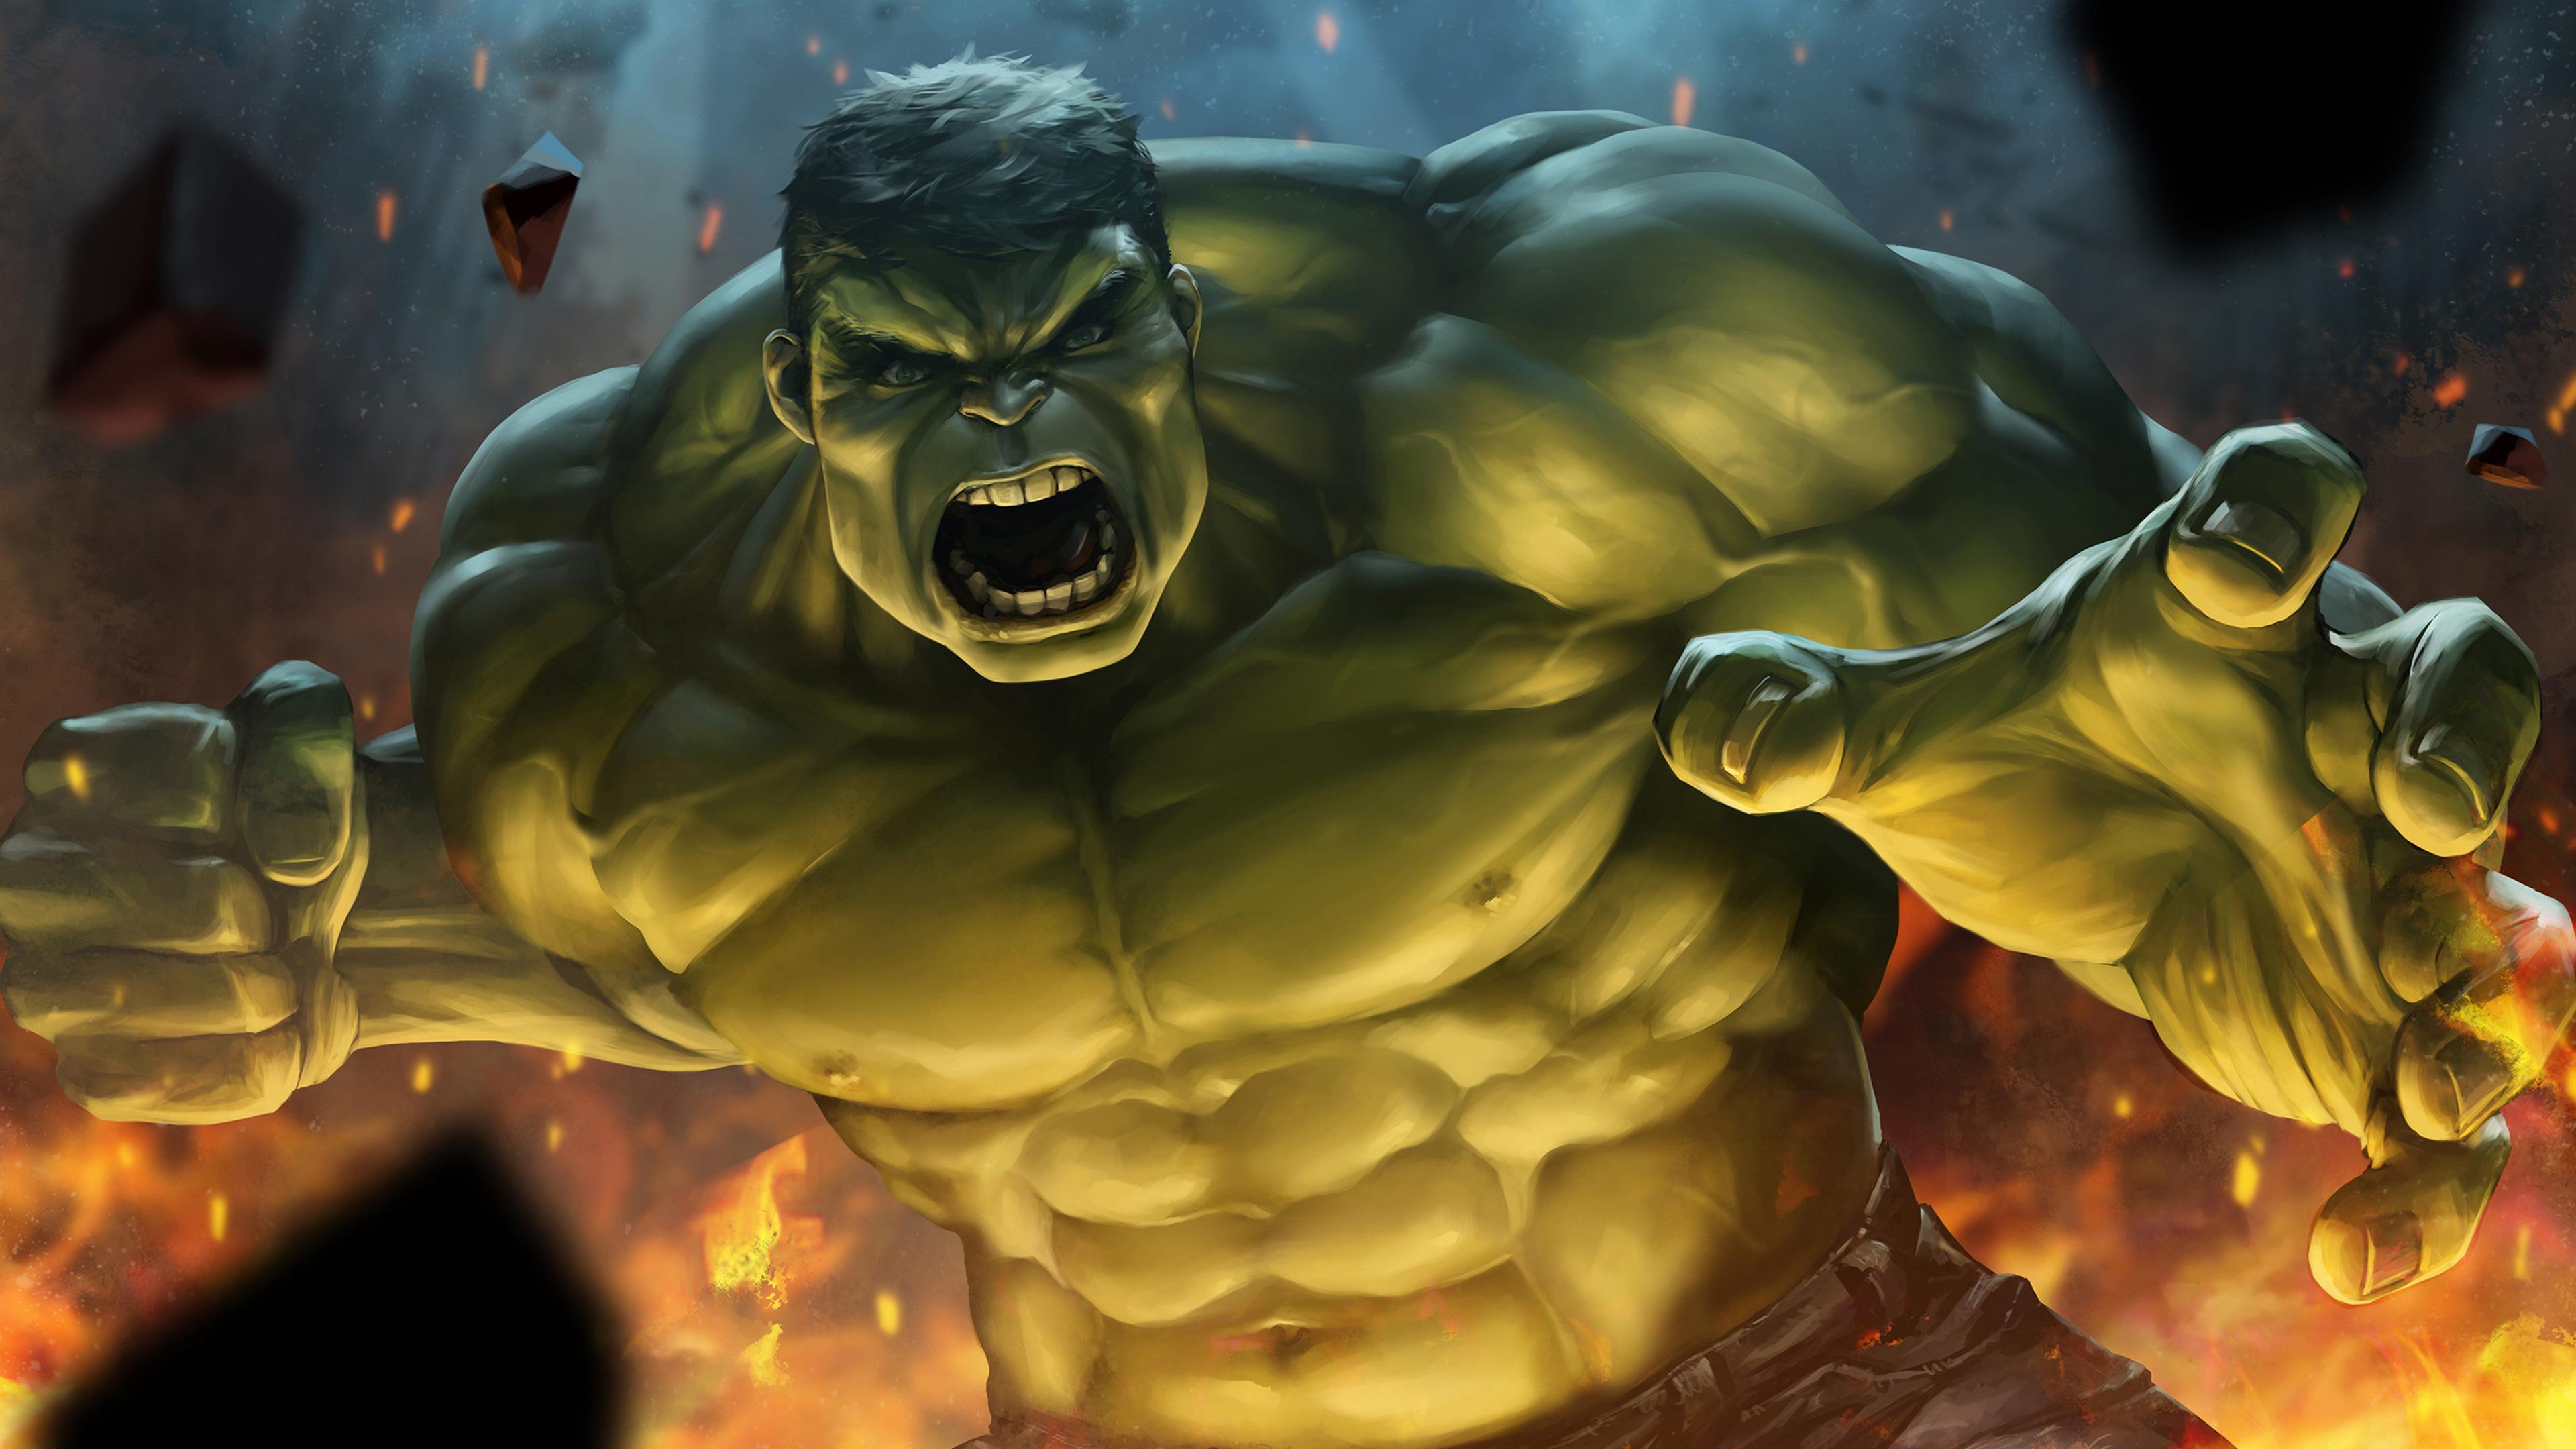 hulk smash art 1536522682 - Hulk Smash Art - superheroes wallpapers, hulk wallpapers, hd-wallpapers, digital art wallpapers, artwork wallpapers